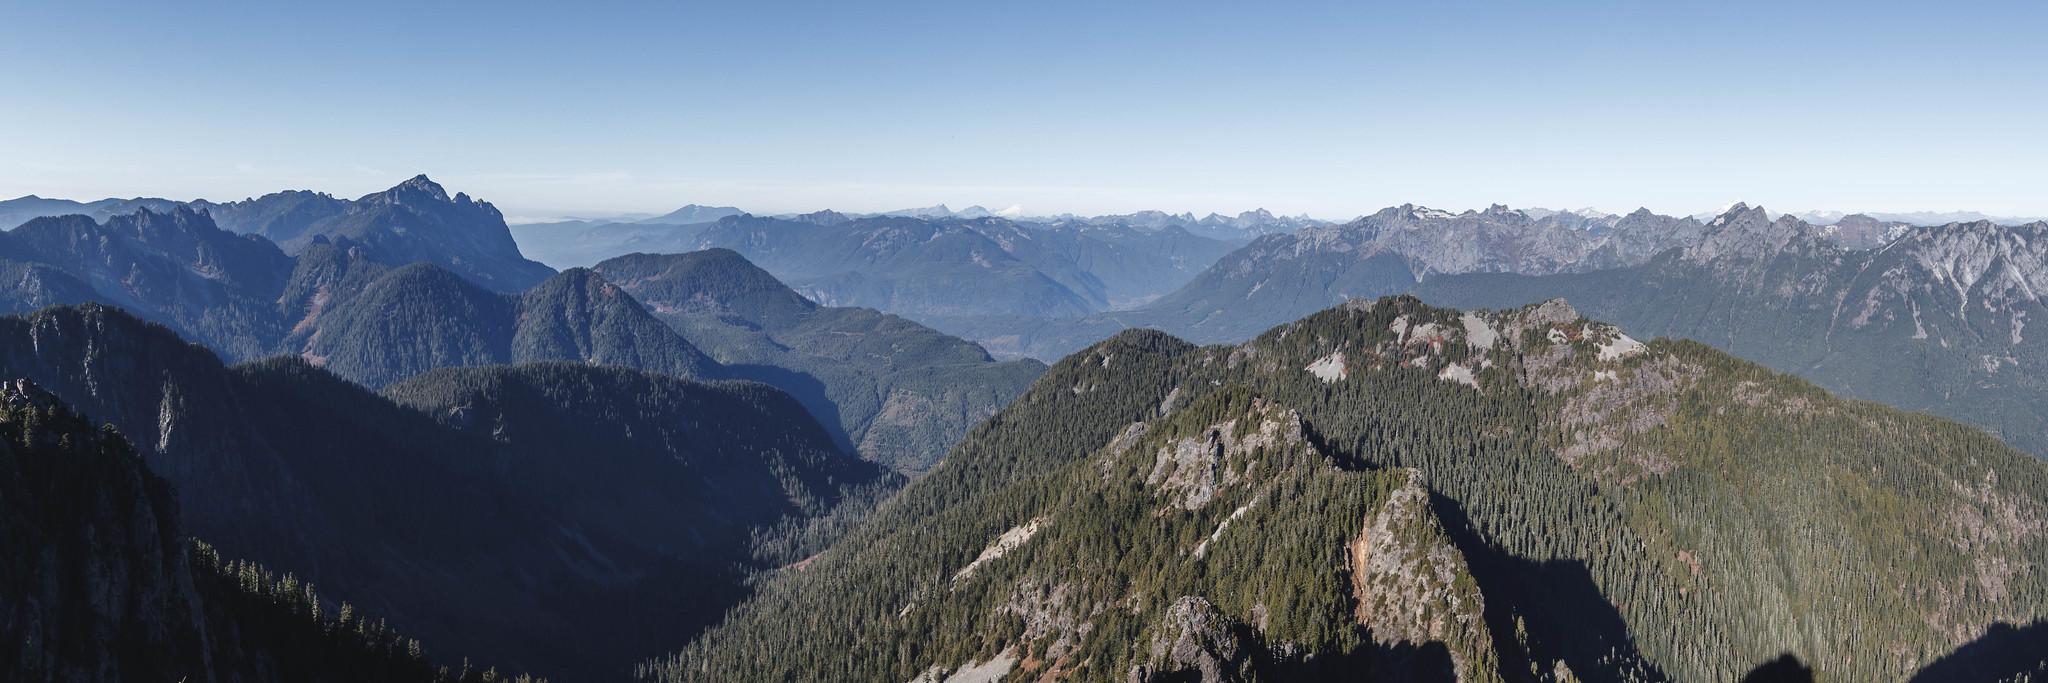 North panoramic view